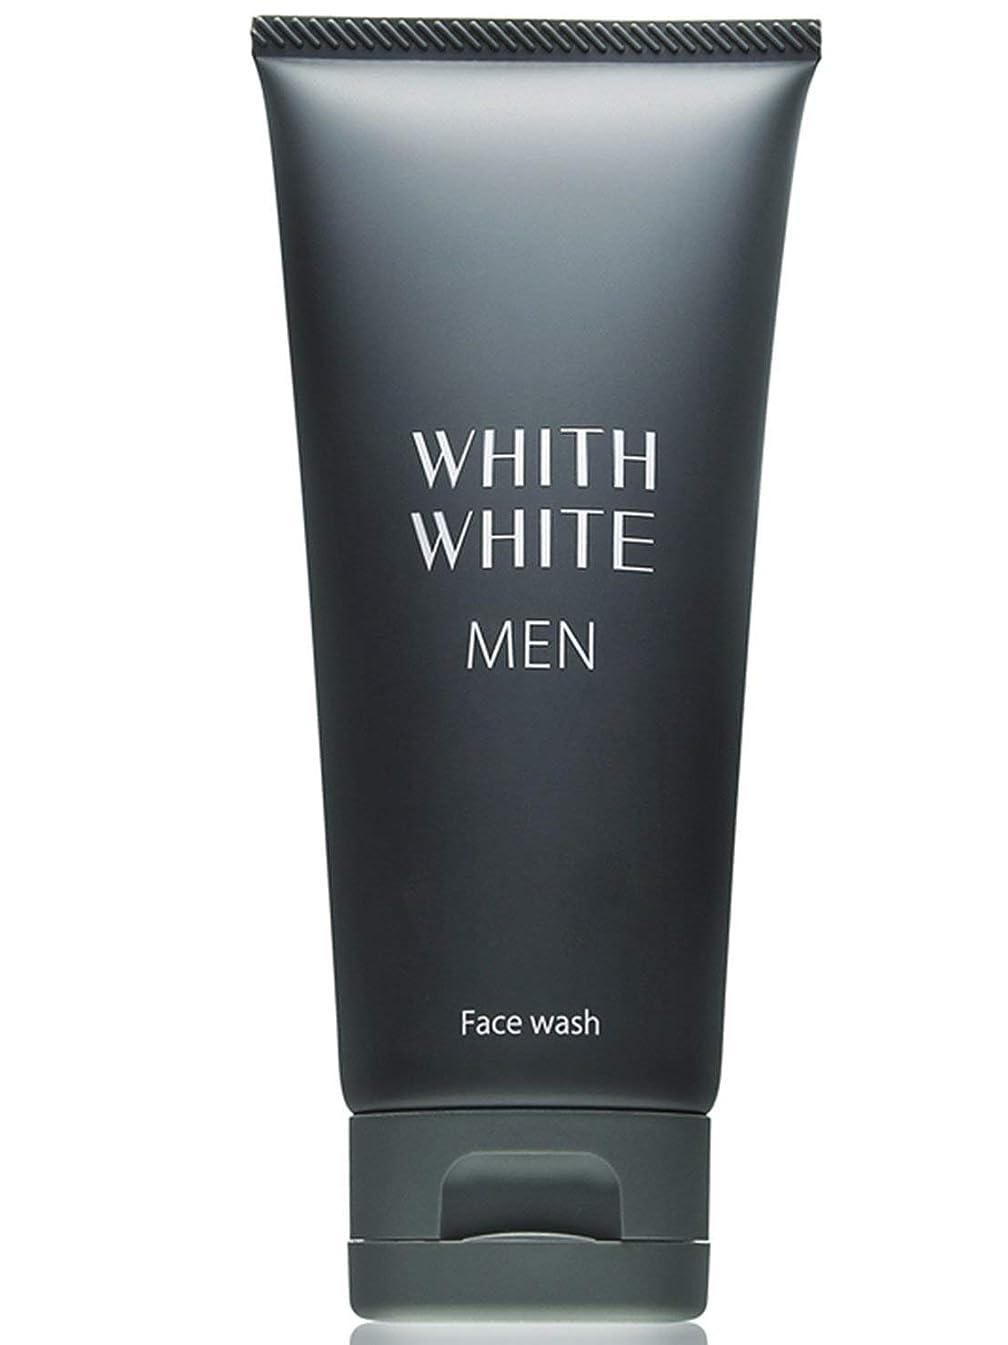 勘違いする状態ヒット洗顔 メンズ 医薬部外品 【 男 の しみ くすみ 対策 】 フィス ホワイト 「 30代~50代の 男性 専用 洗顔フォーム 」「 保湿 ヒアルロン酸 配合 洗顔料 」(男性用 スキンケア 化粧品 )95g